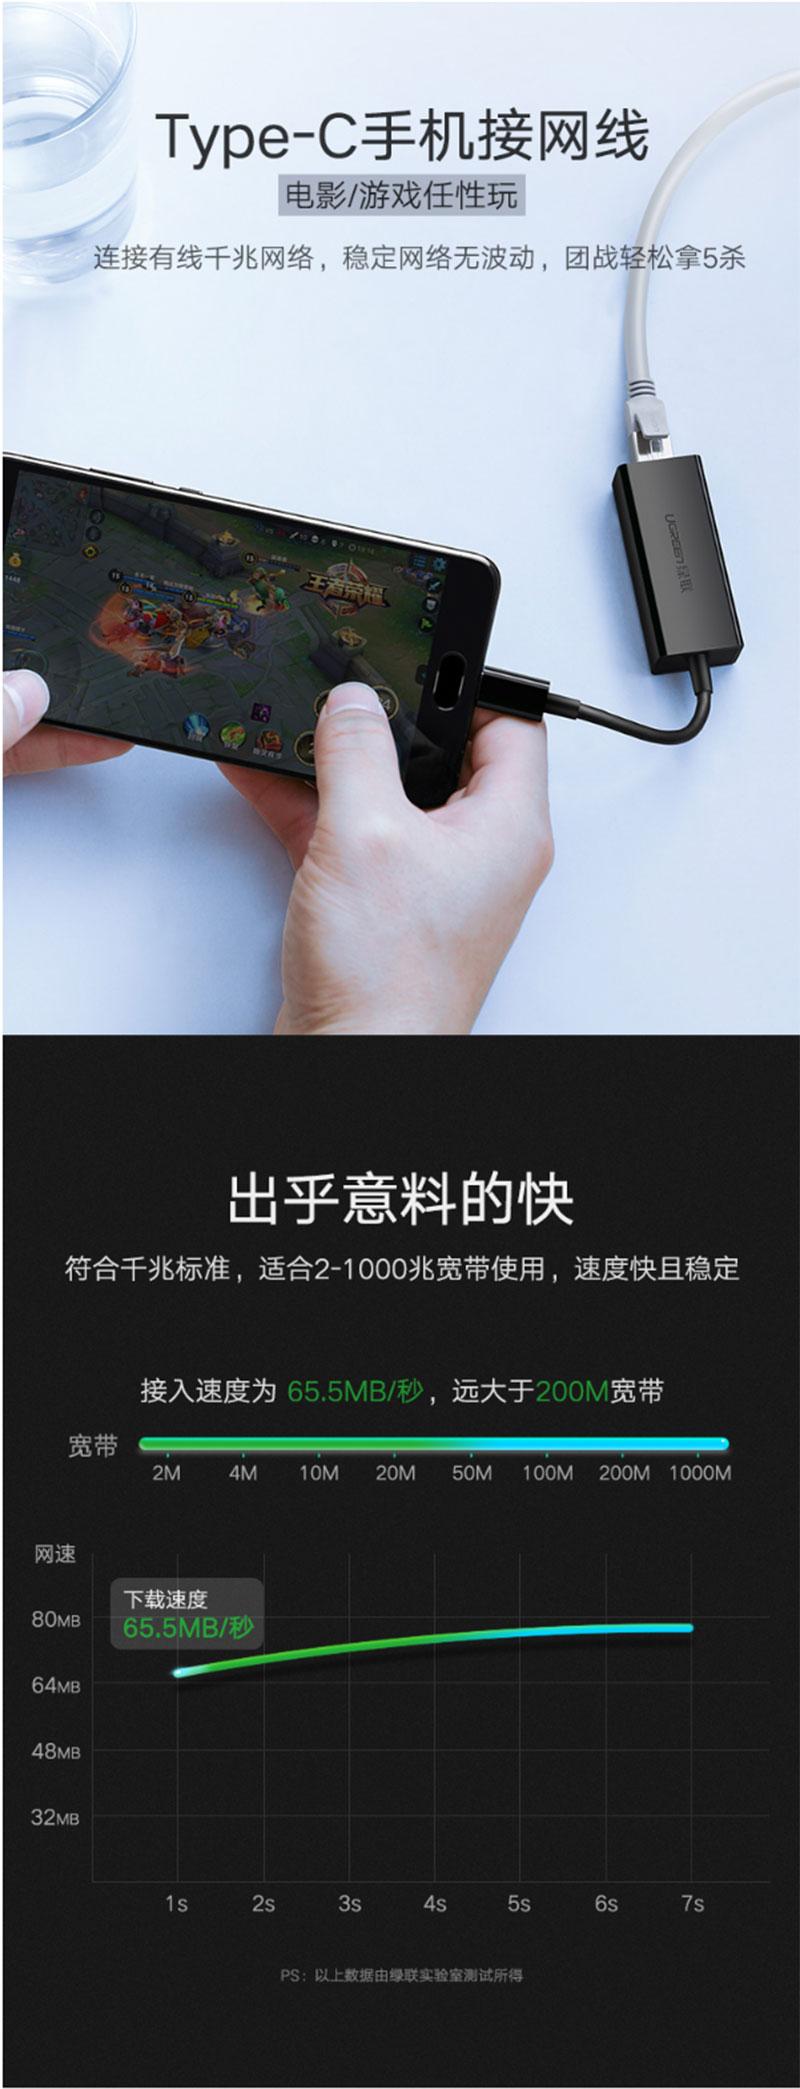 绿联50307 TYPE-C转千兆网口